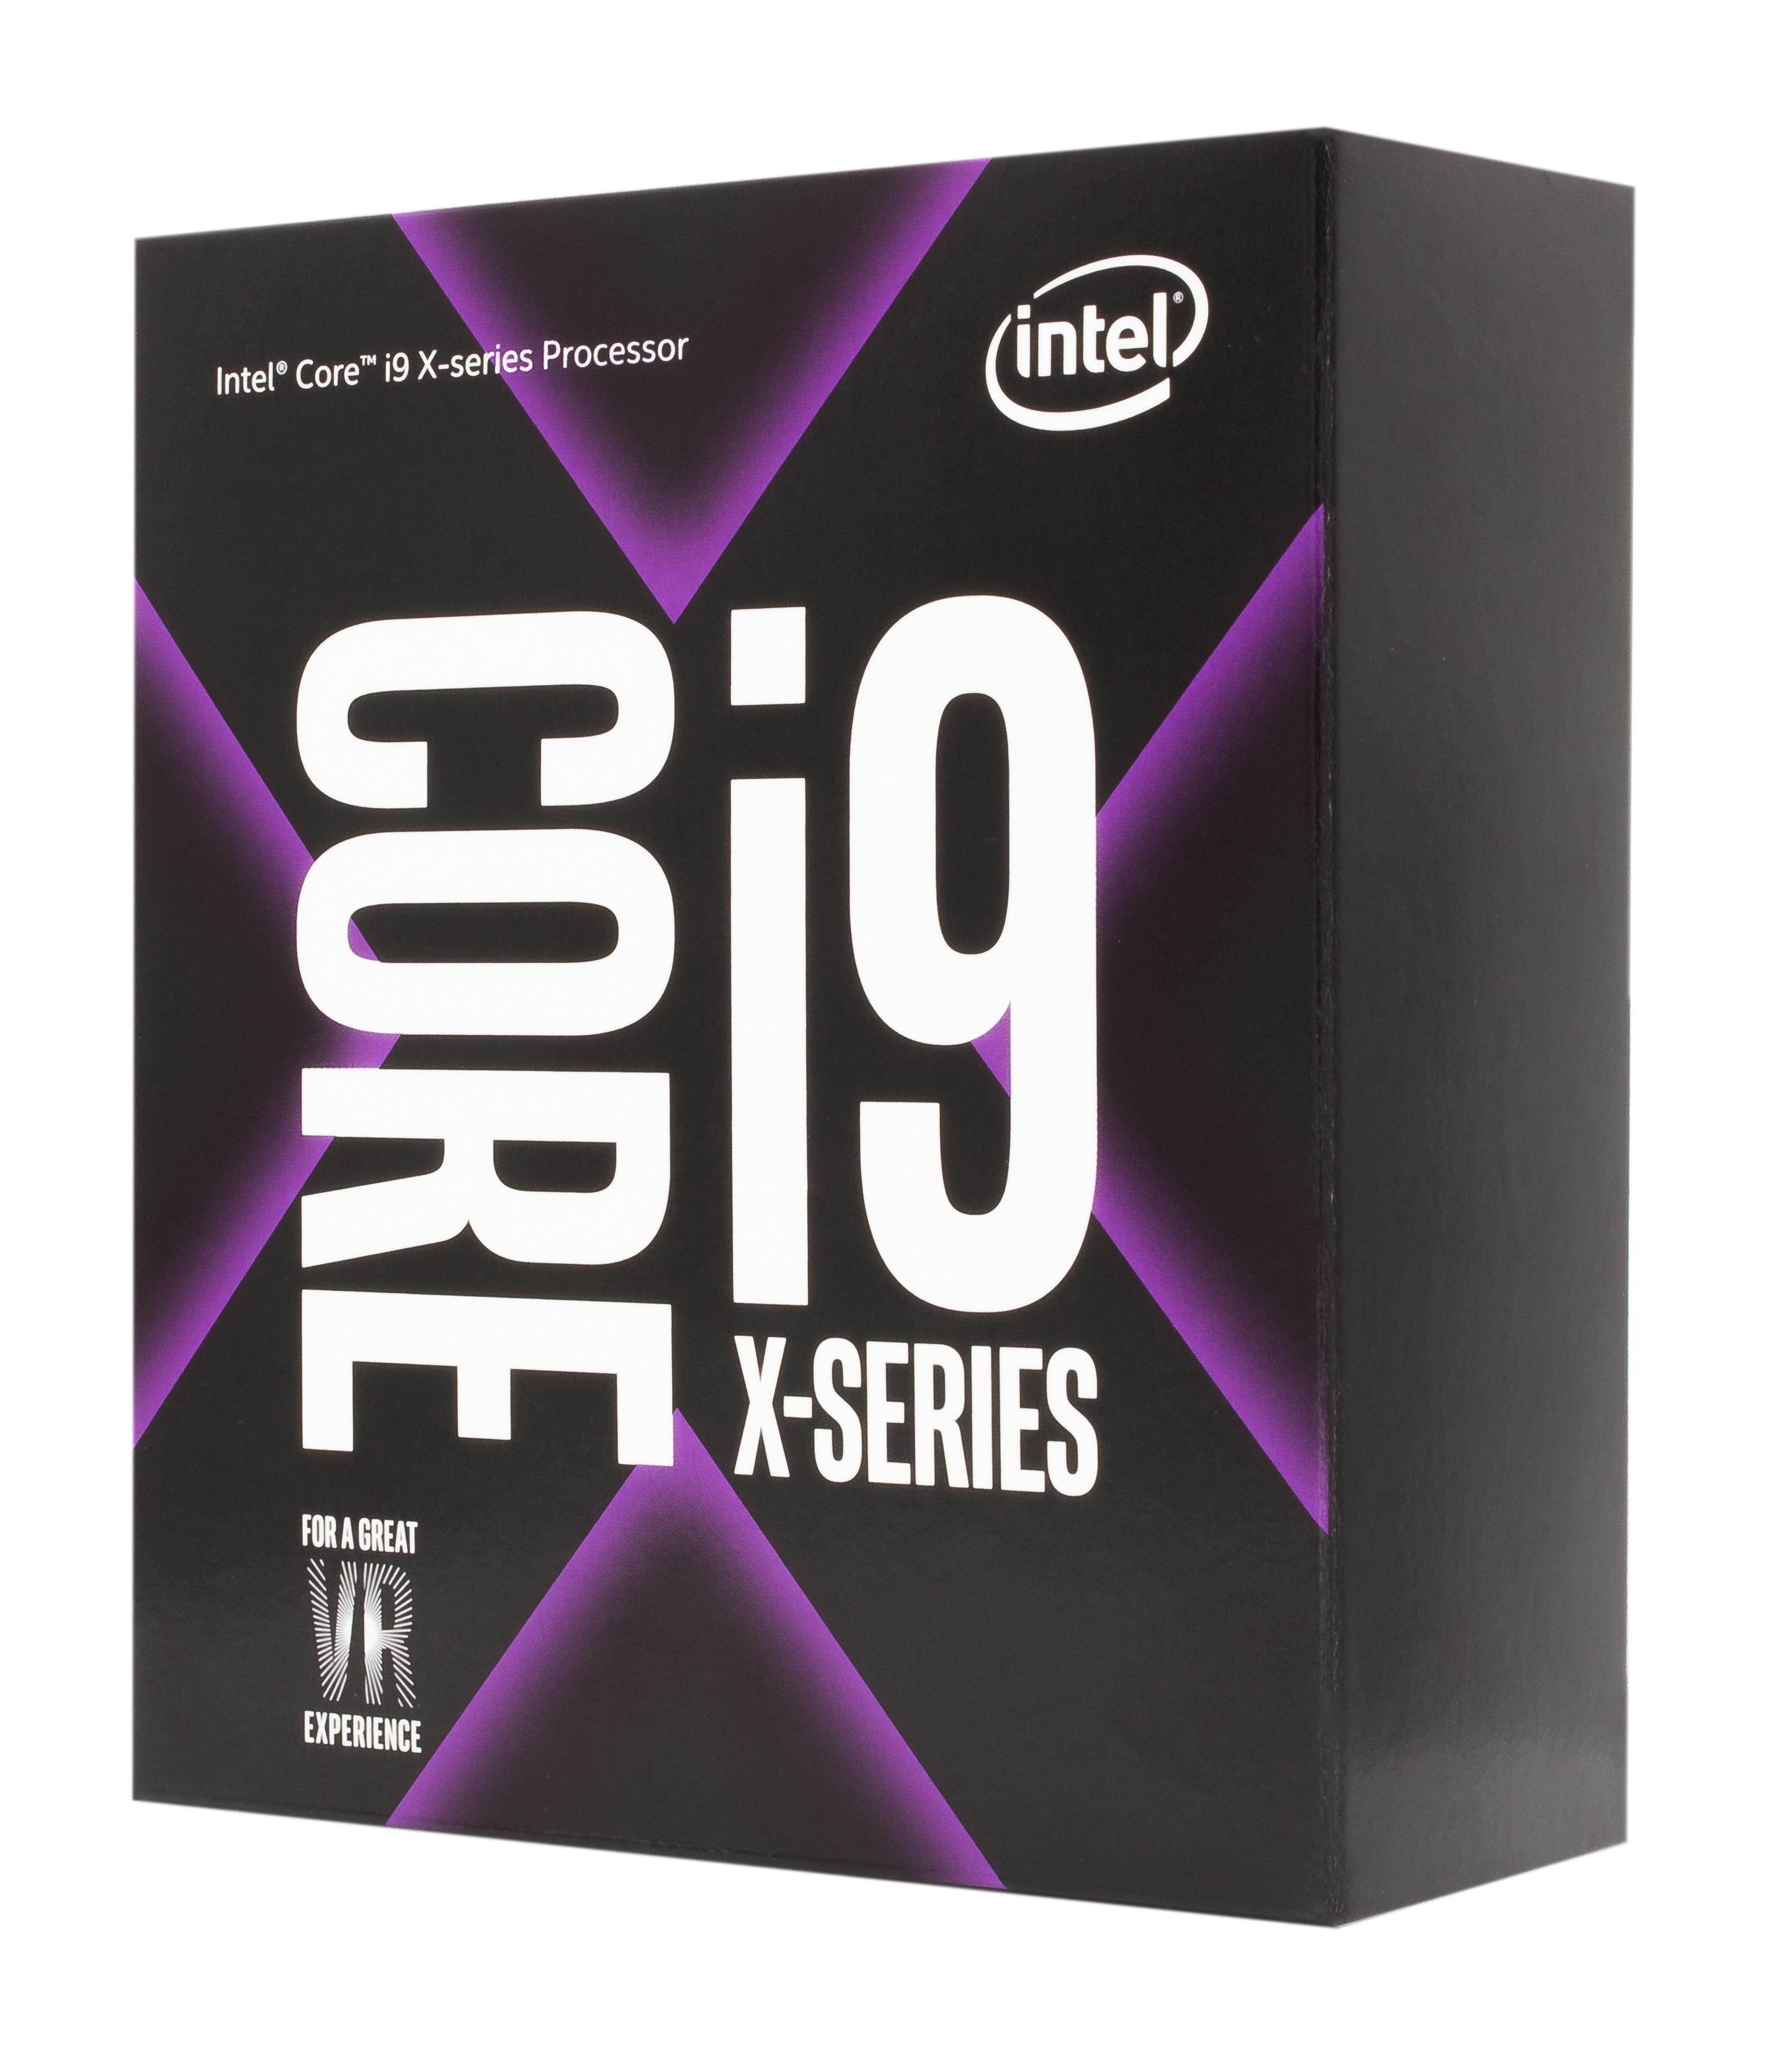 Intel-Core-i9-7940X-X-series-Processor-19-25M-Cache-BX80673I97940X